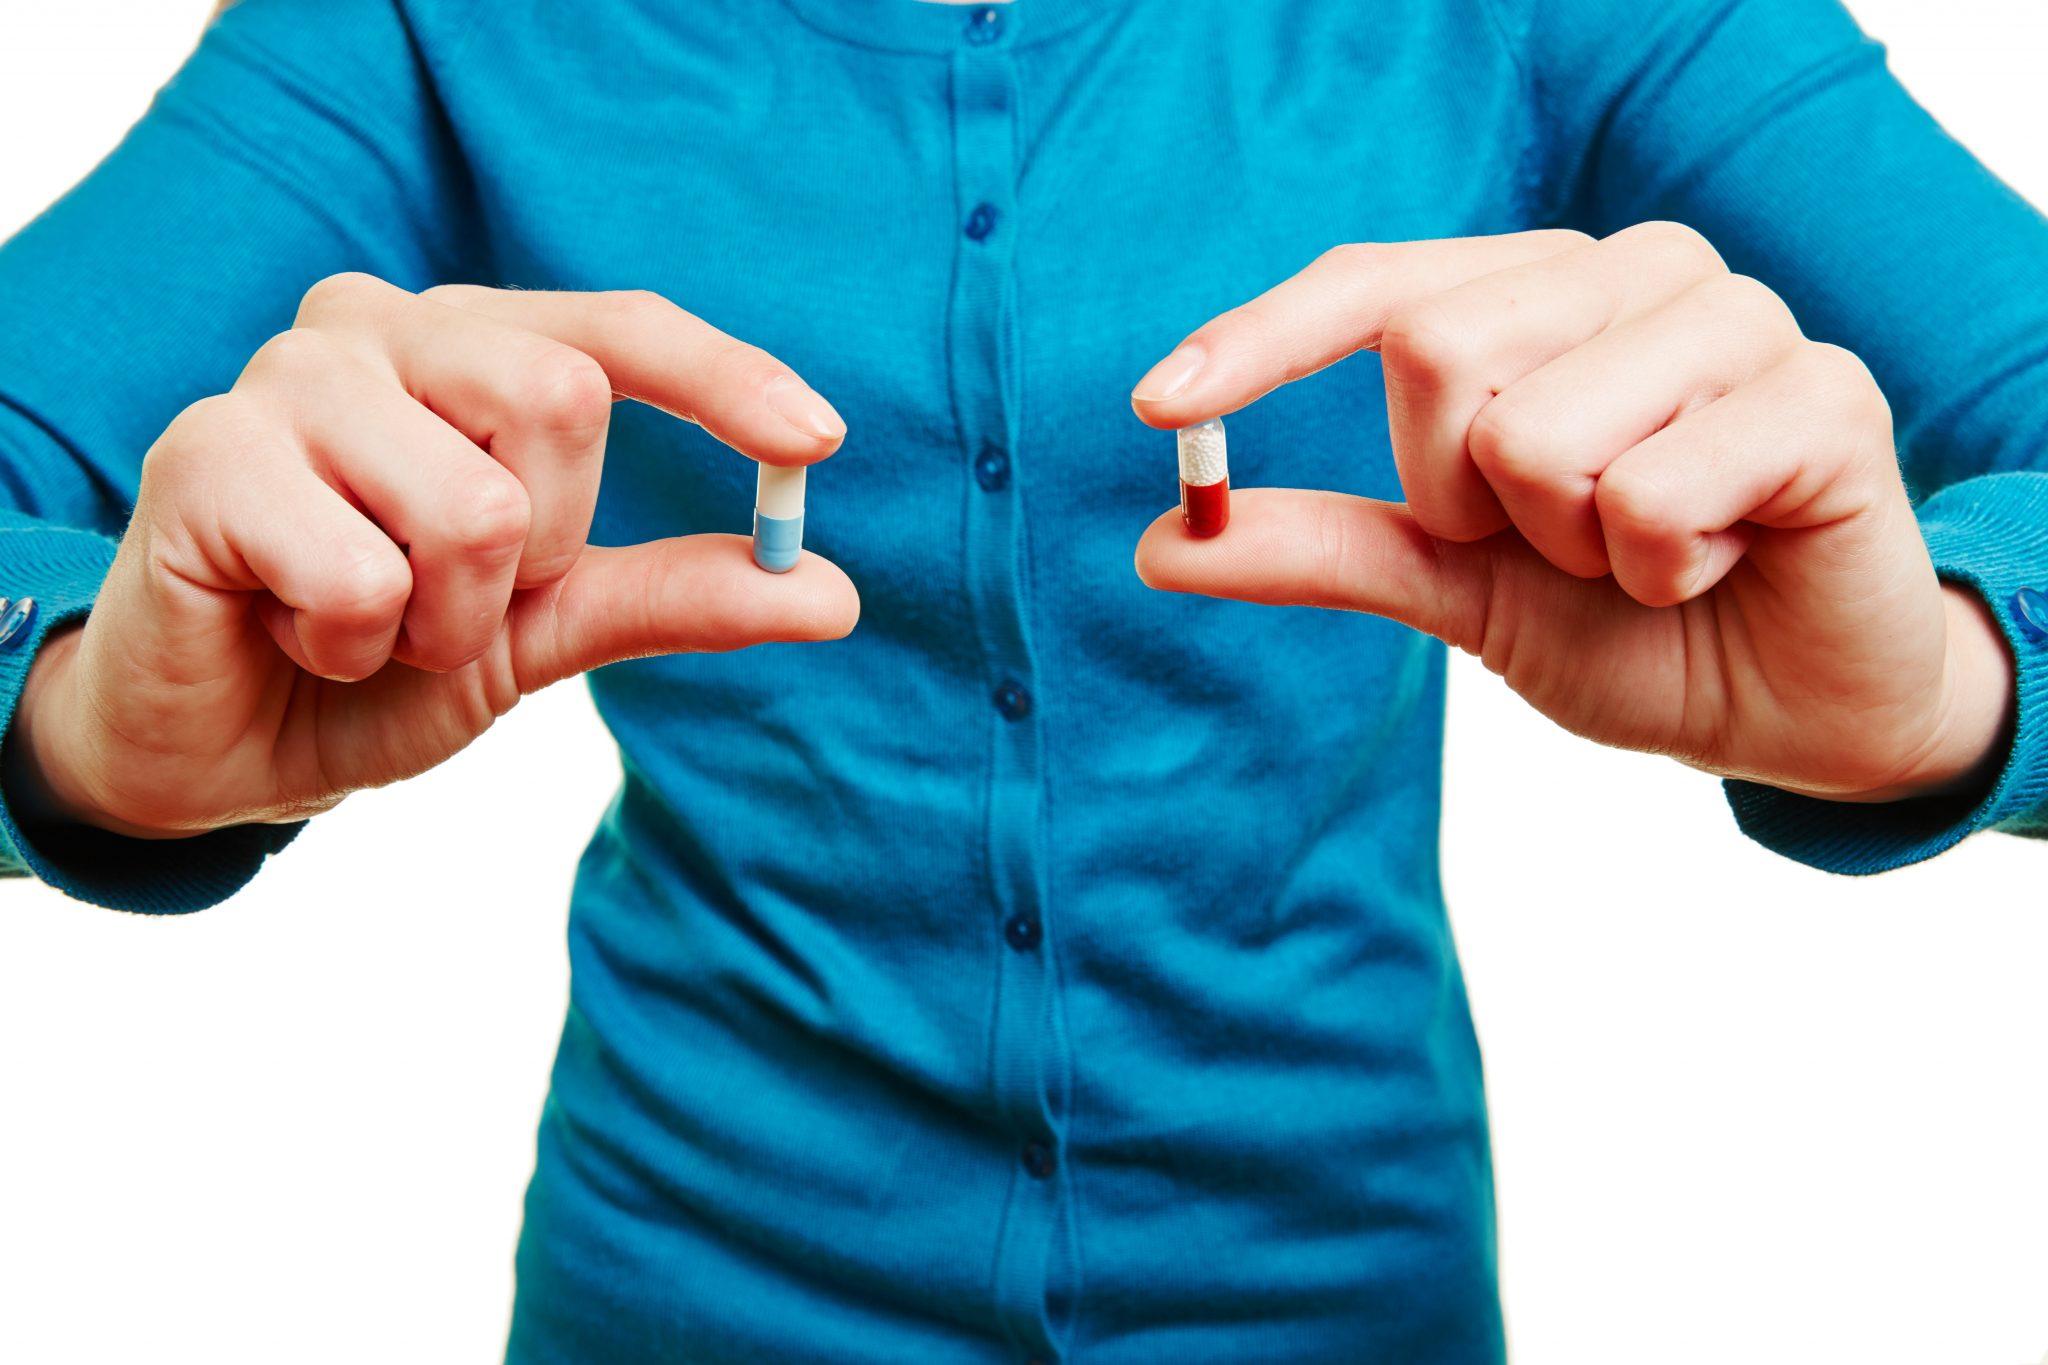 Mężczyzna trzyma w rękach dwie pigułki, niebieską i czerwoną